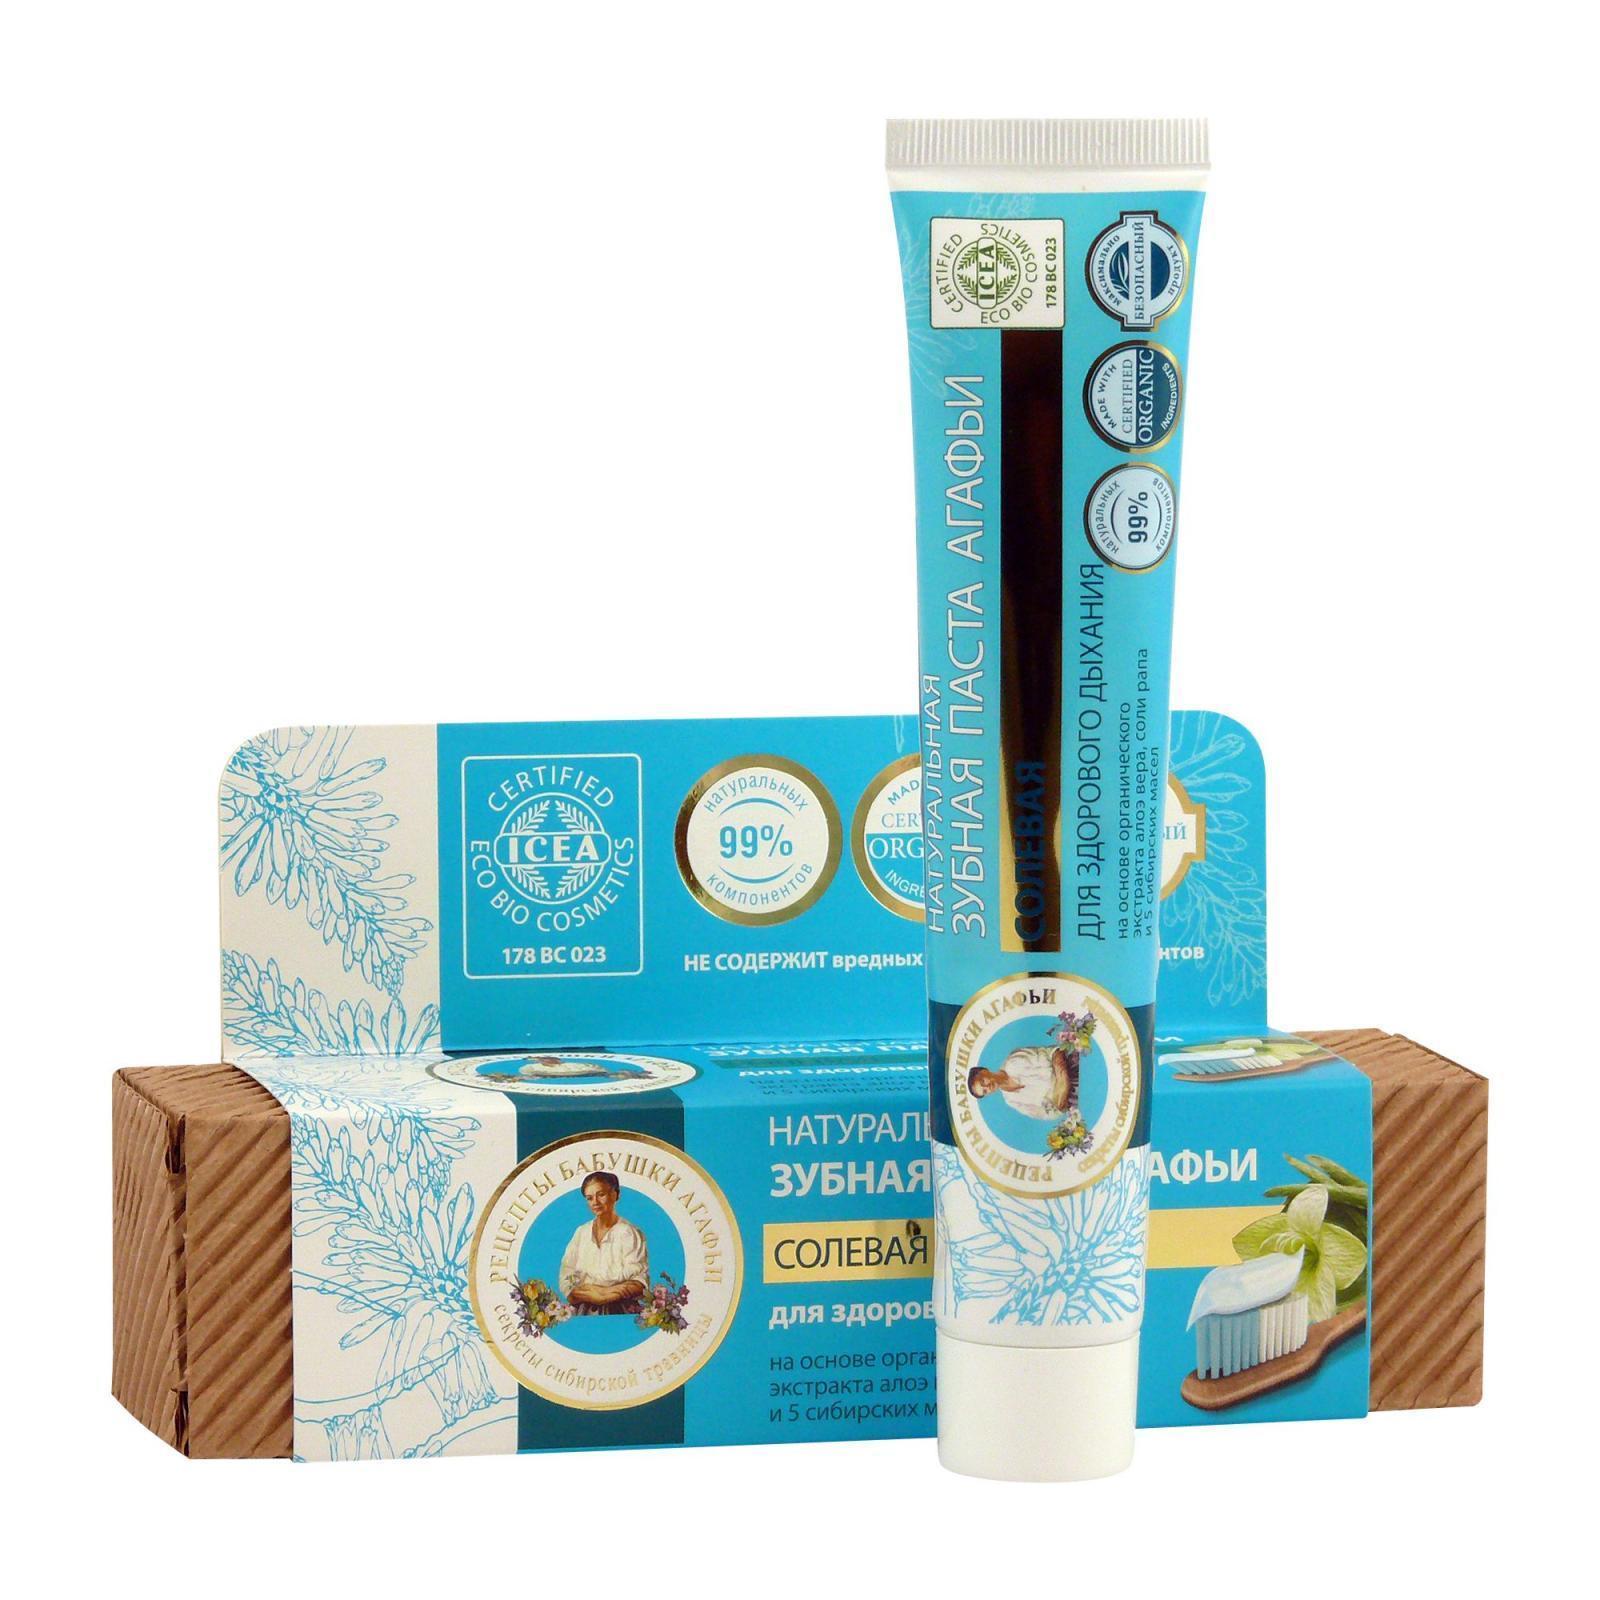 TML Zubní pasta se solí rapa pro svěží dech 75 ml